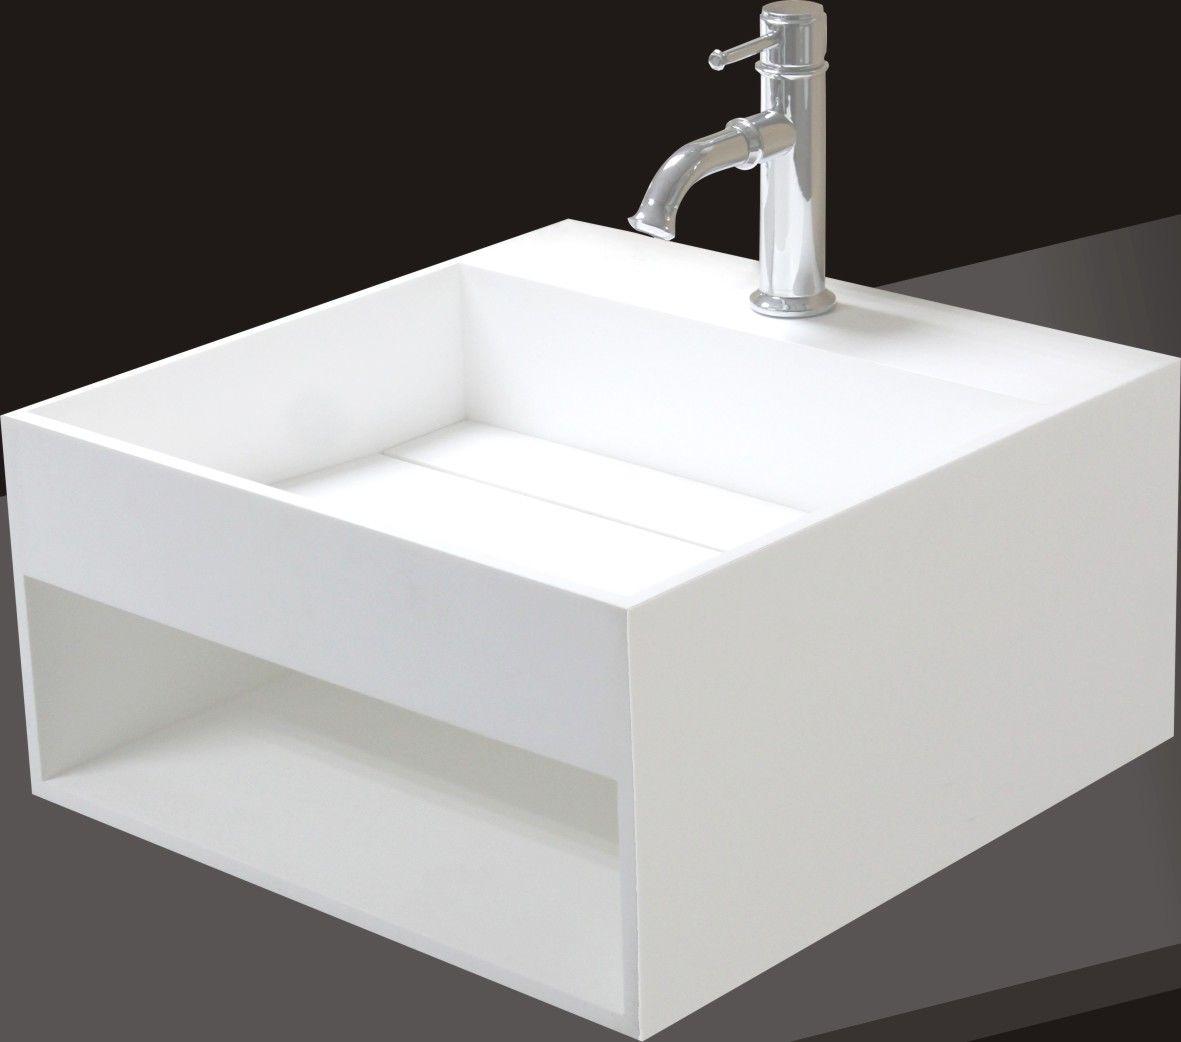 best mid century modern bathroom vanity architecture-Unique Mid Century Modern Bathroom Vanity Wallpaper